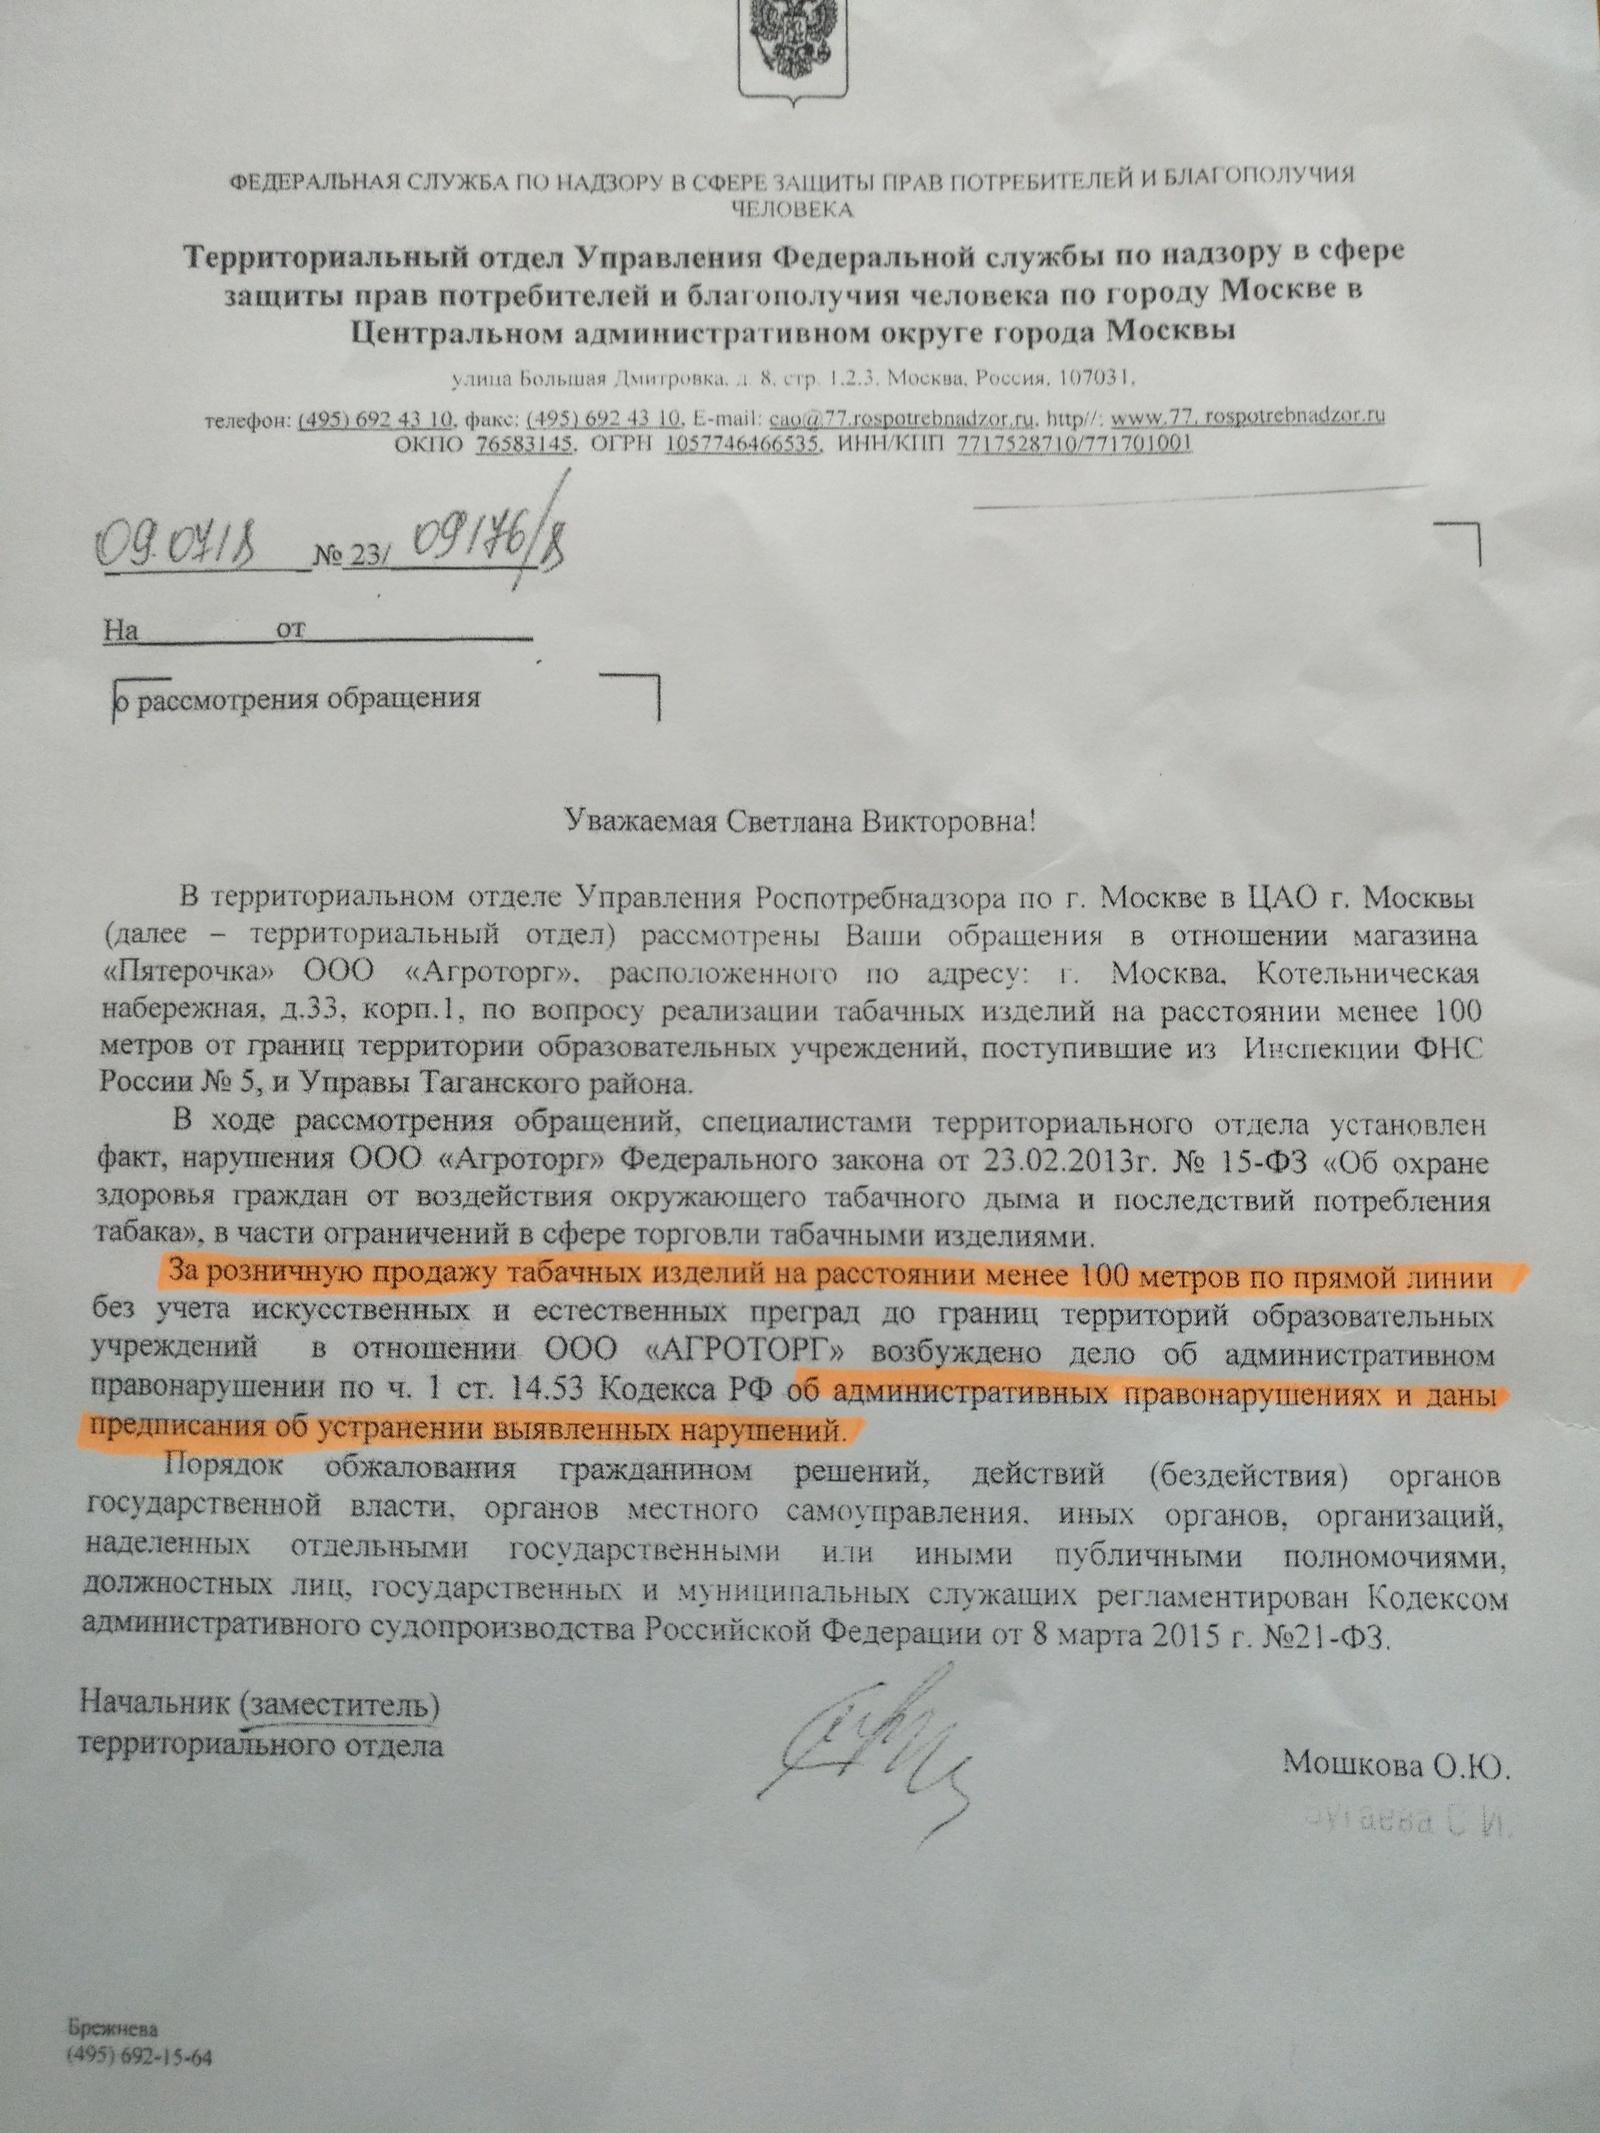 Коап торговля табачными изделиями сигареты nat sherman купить в москве